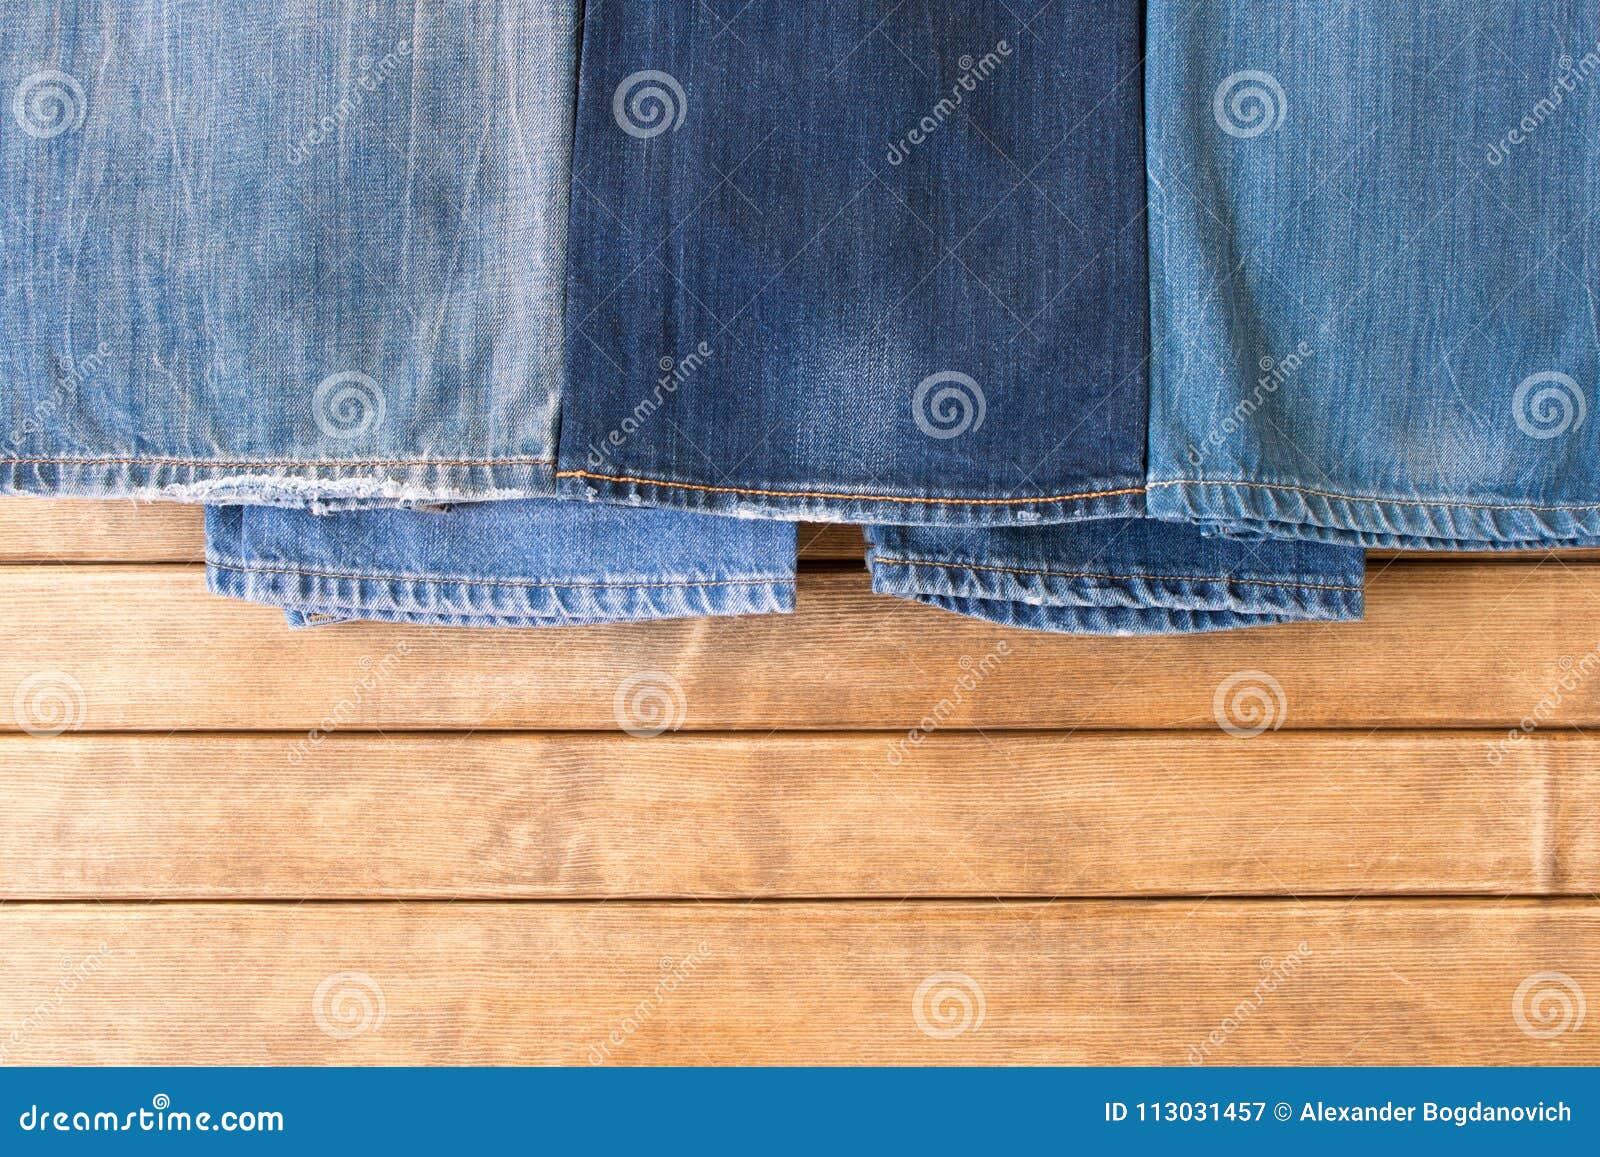 Diversos tejanos en fondo de madera La visión desde la tapa